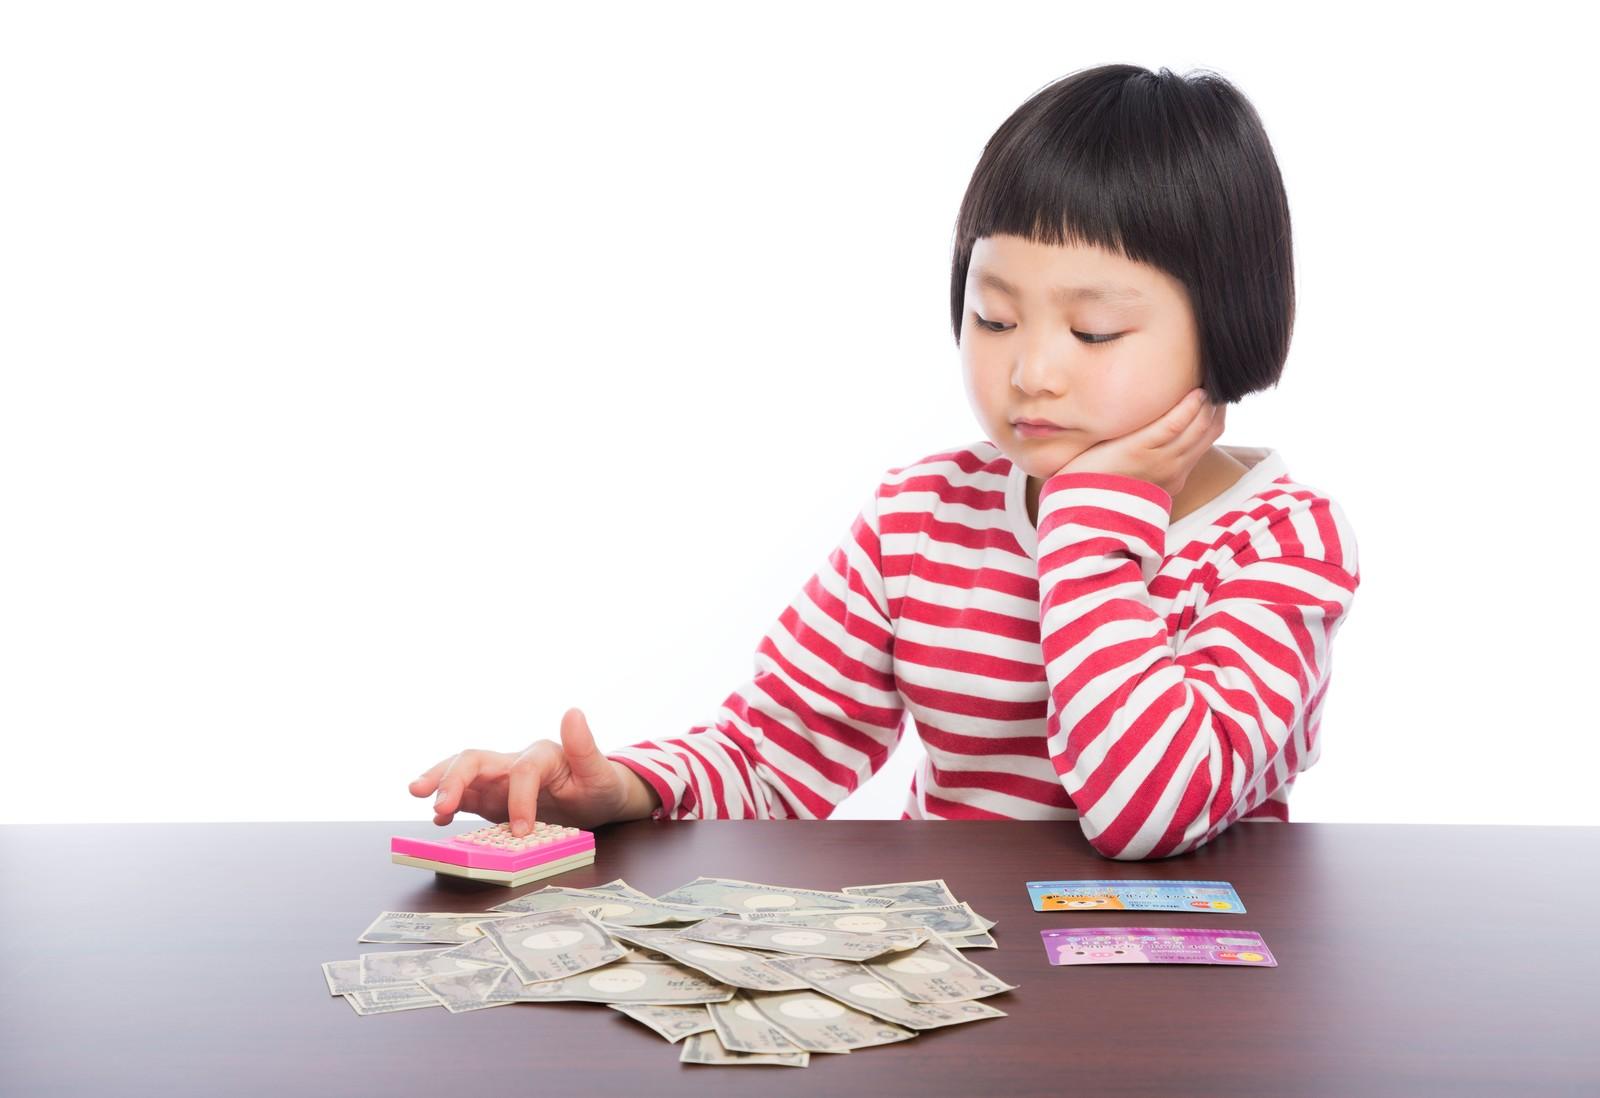 終身保険の目的とは?貯蓄向け・おすすめ終身保険ランキング